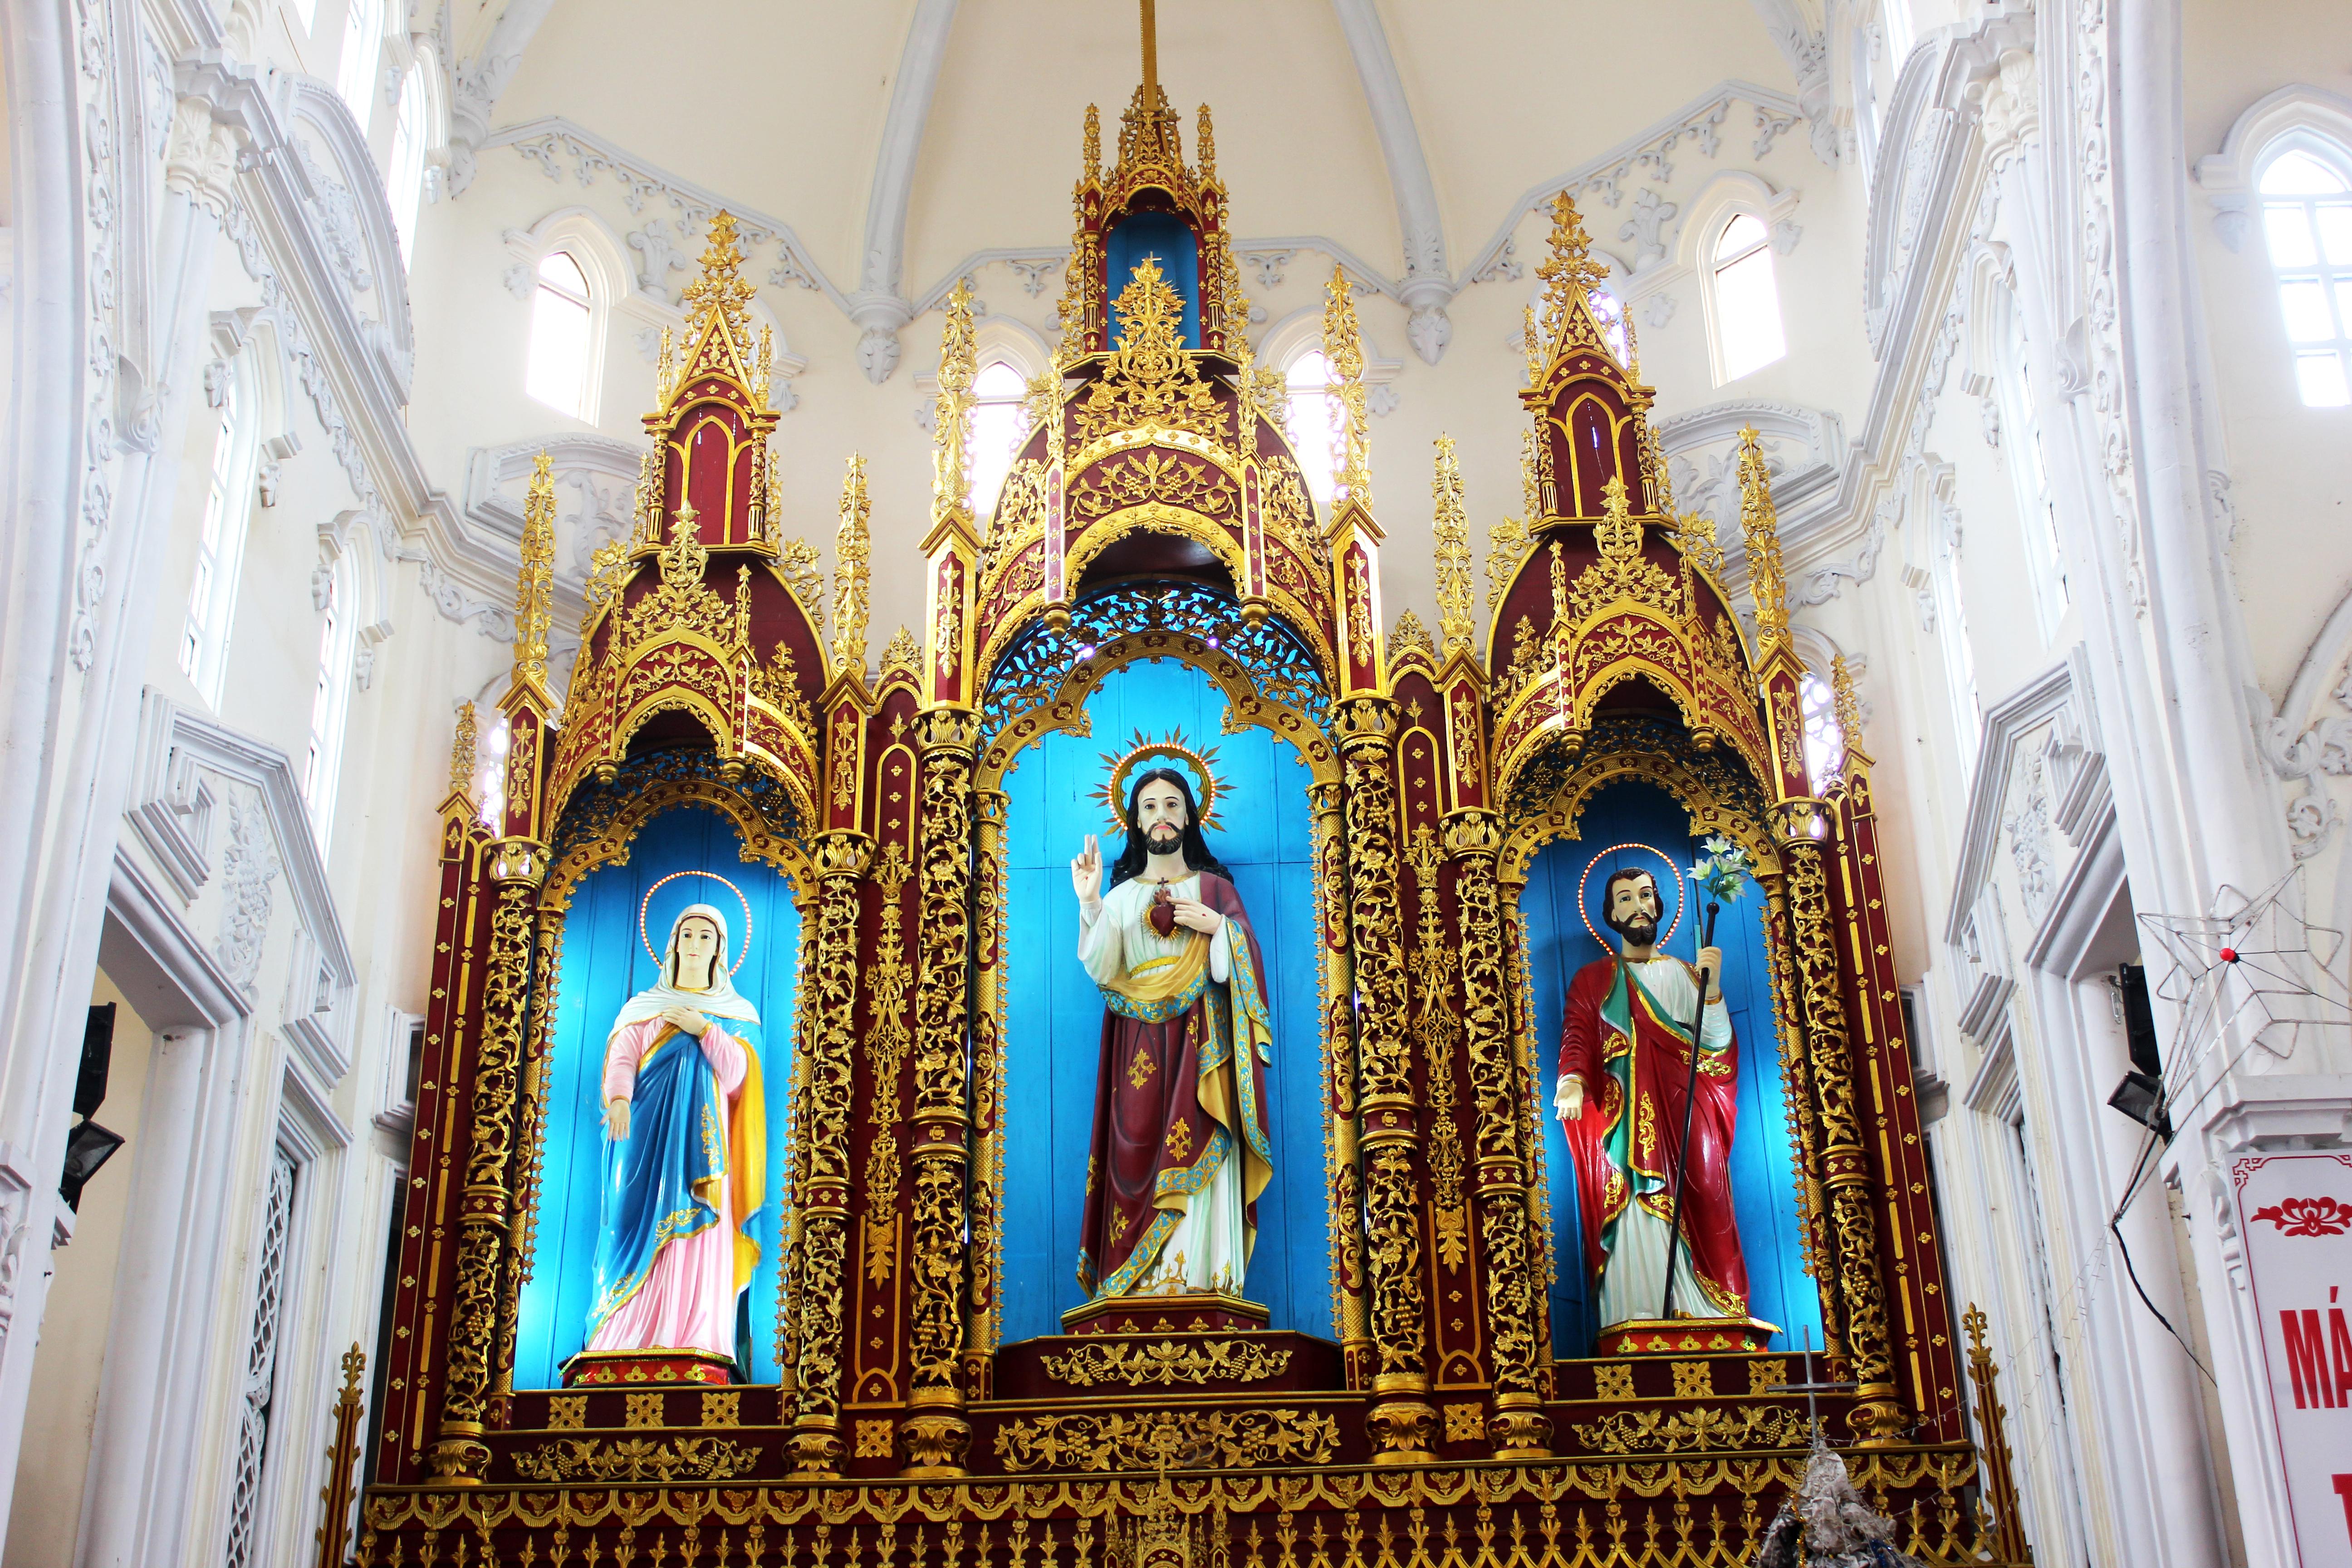 Giáo Xứ Liêu Ngạn – Giáo Phận Bùi Chu Mừng Lễ Quan Thầy Thánh Gia Thất